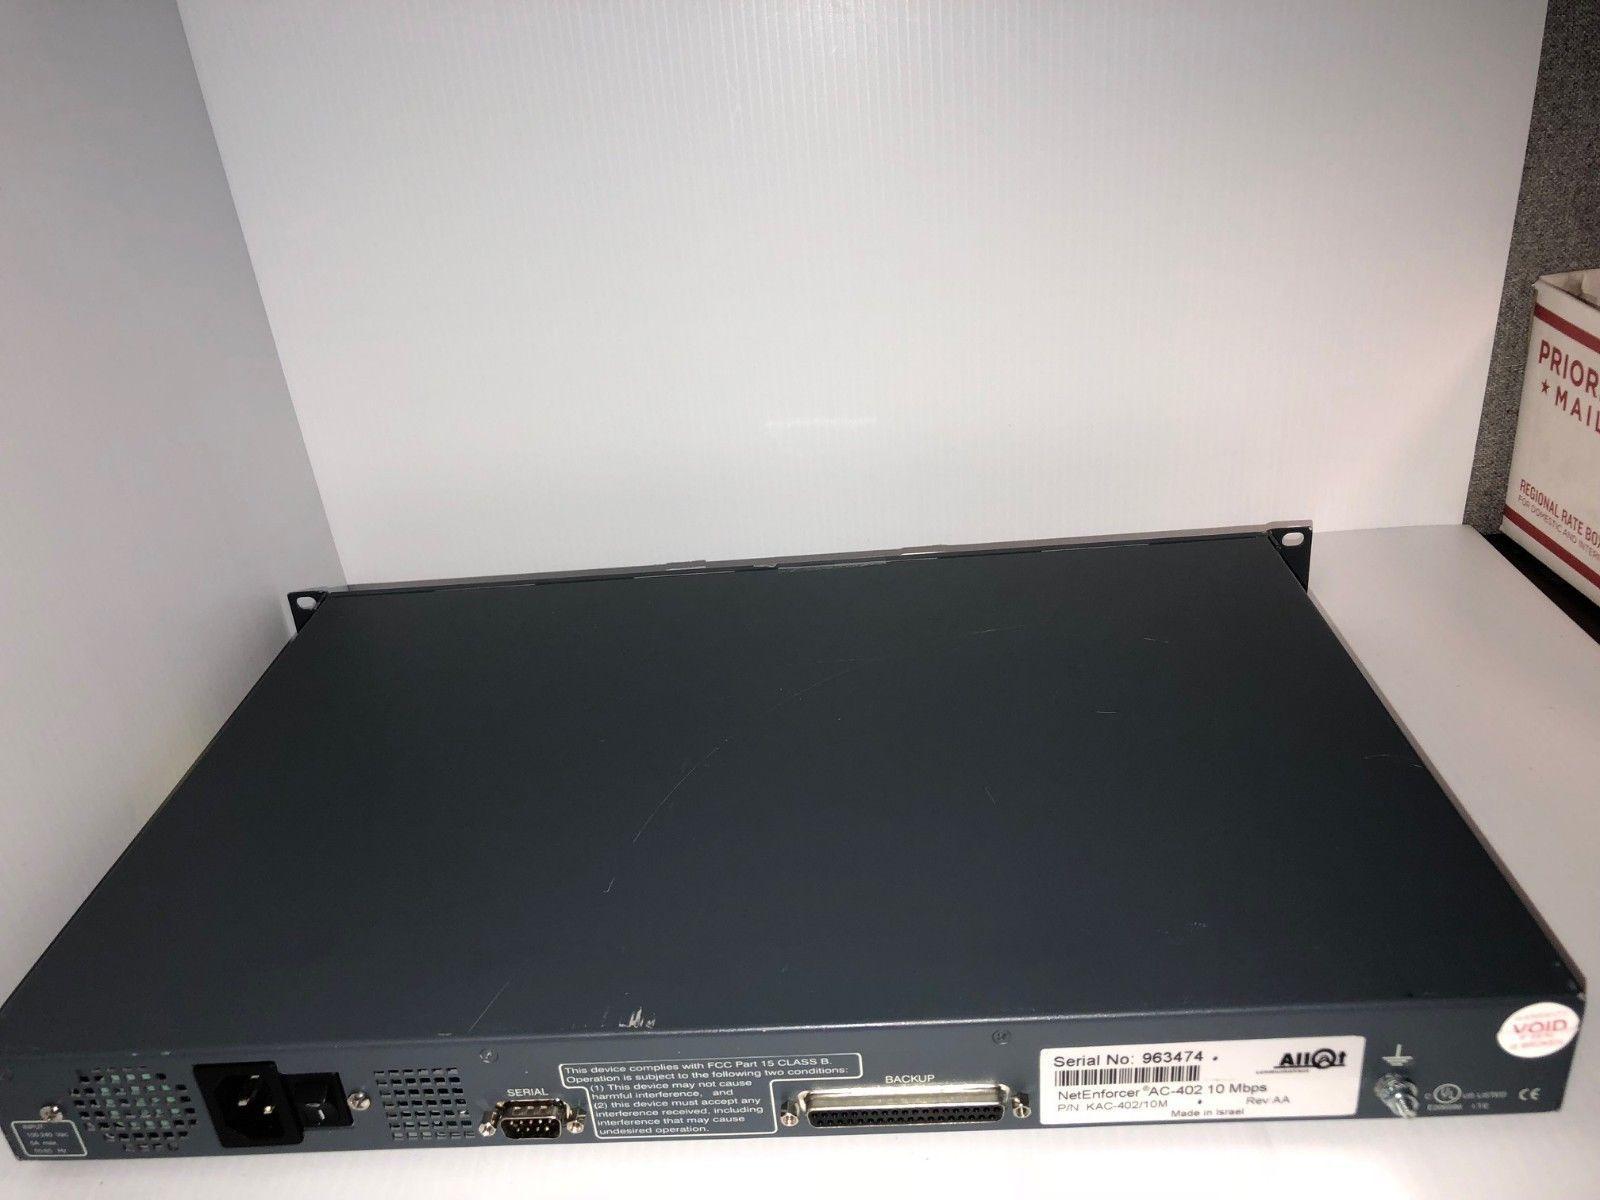 Allot NetEnforcer AC-402 KAC-402/2M Network Bandwidth Controller TESTED L-C5